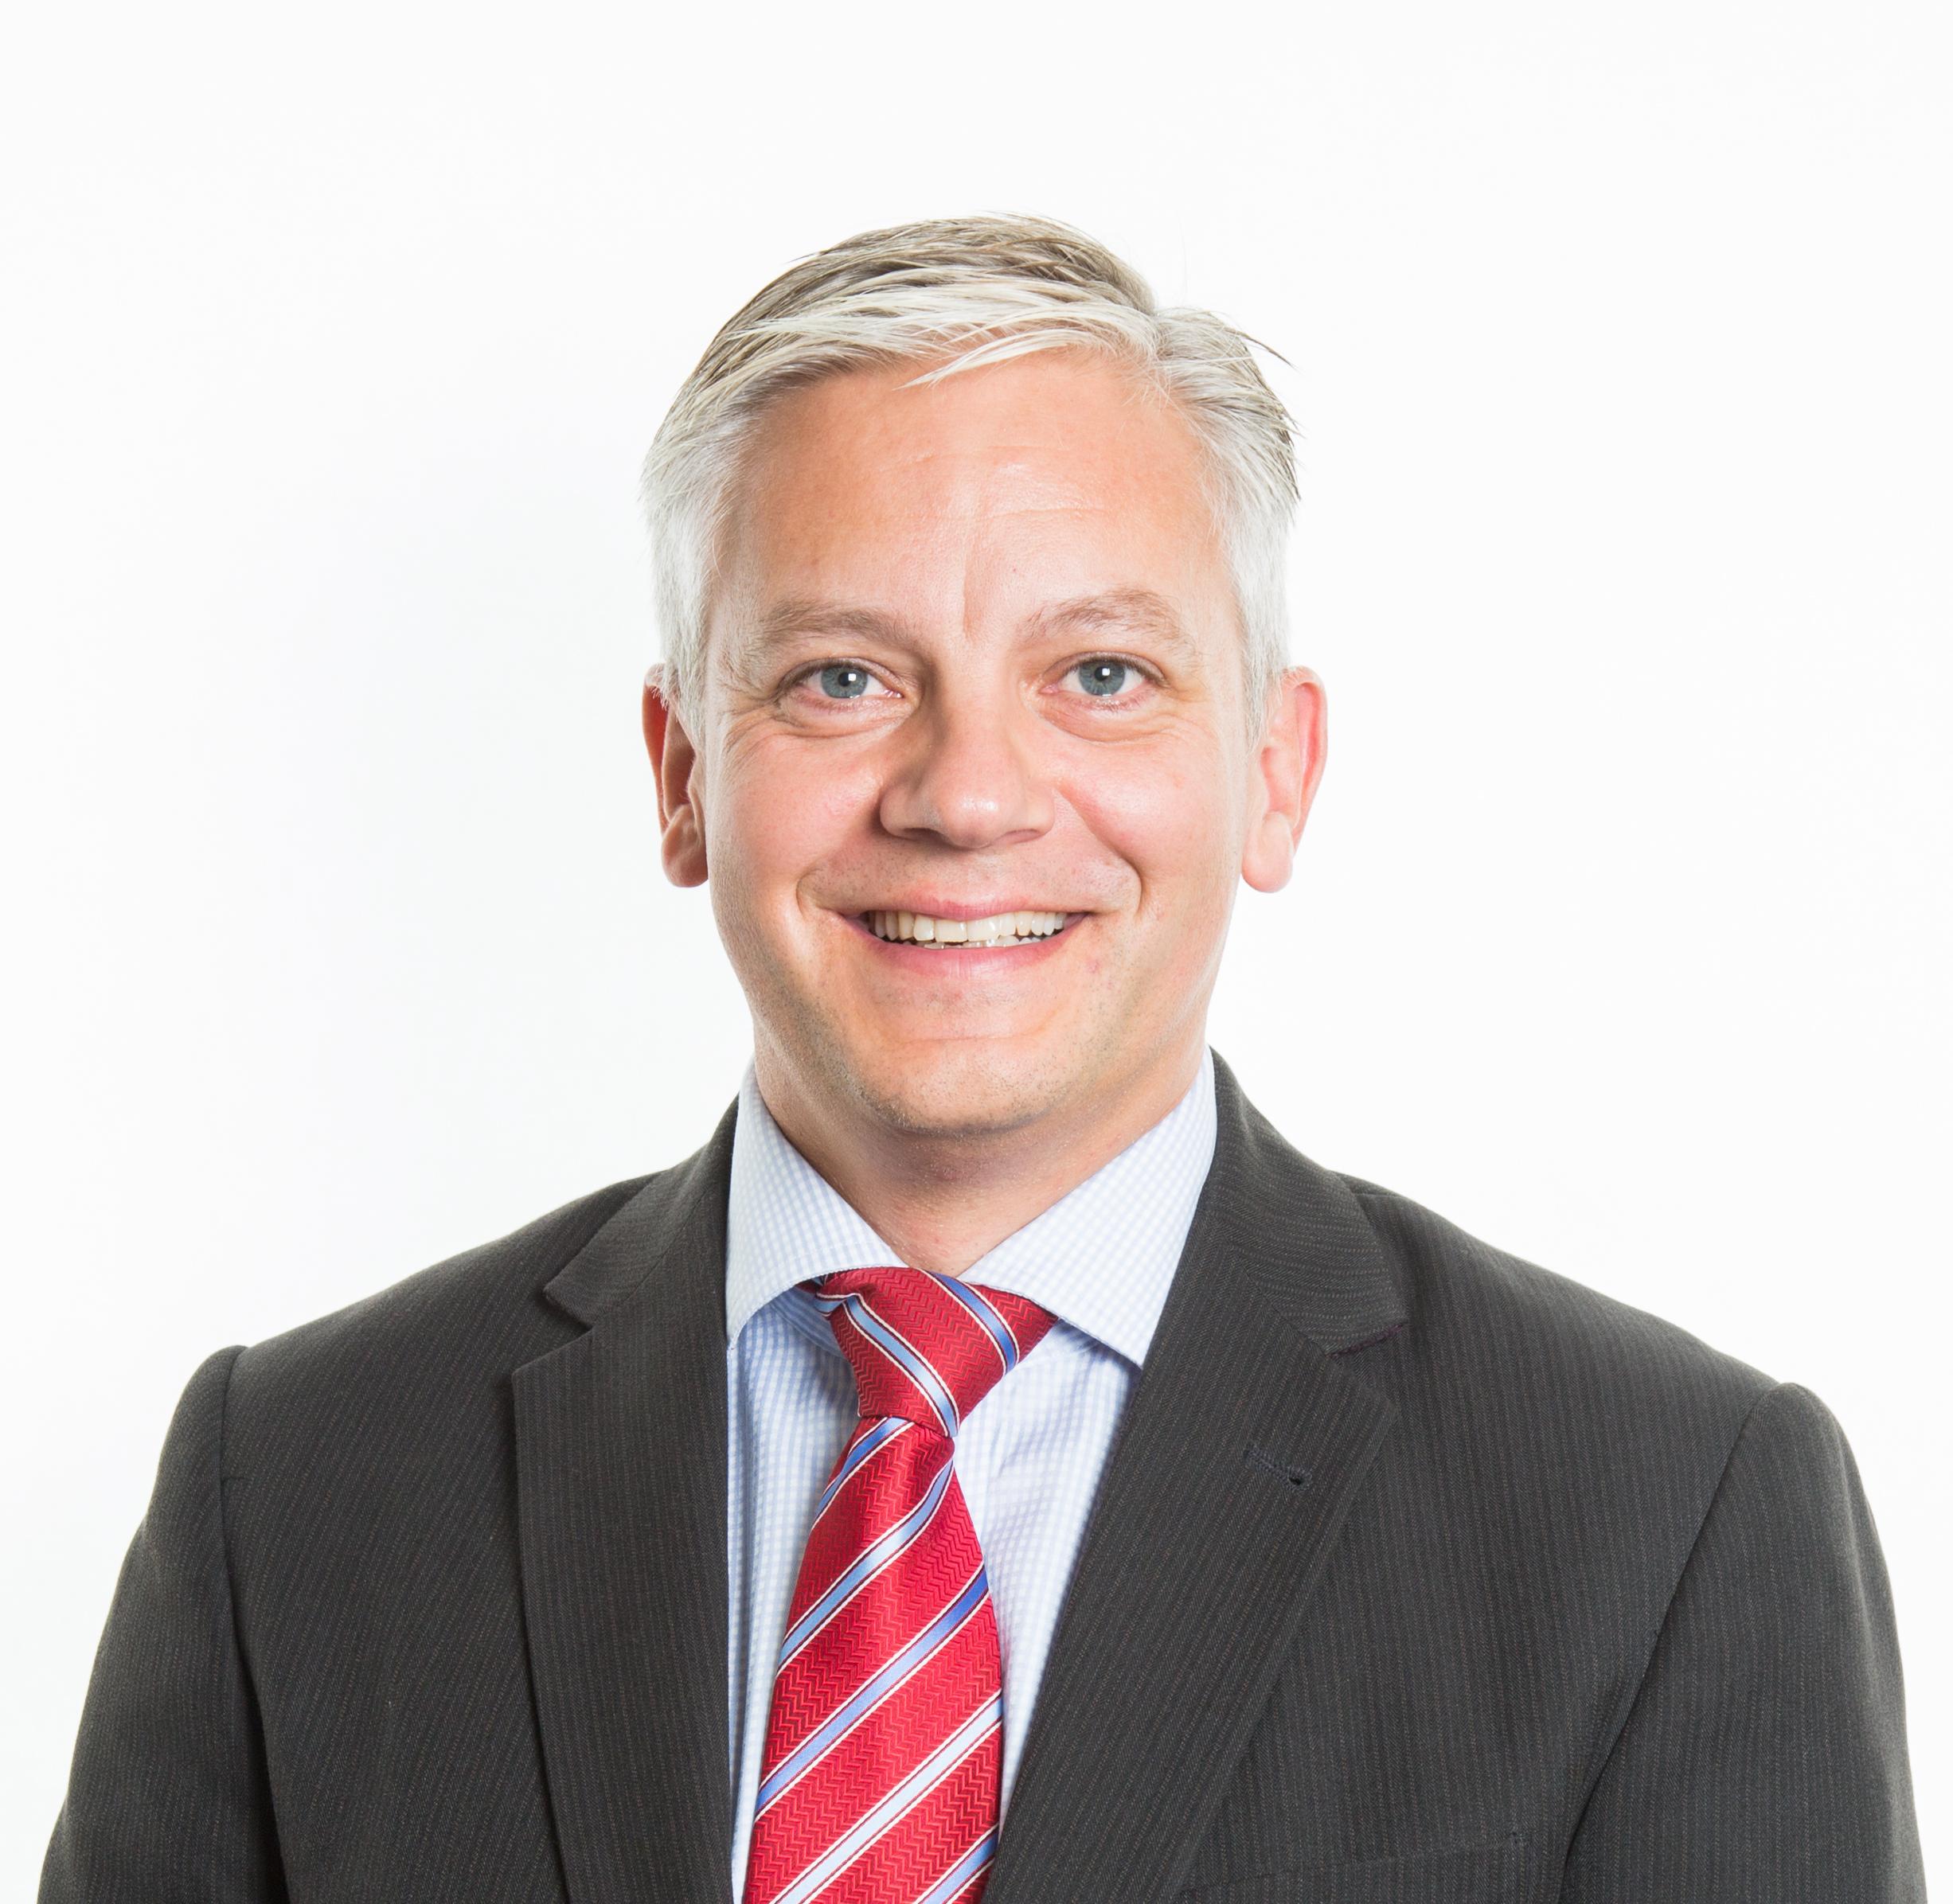 Phil Blackburn